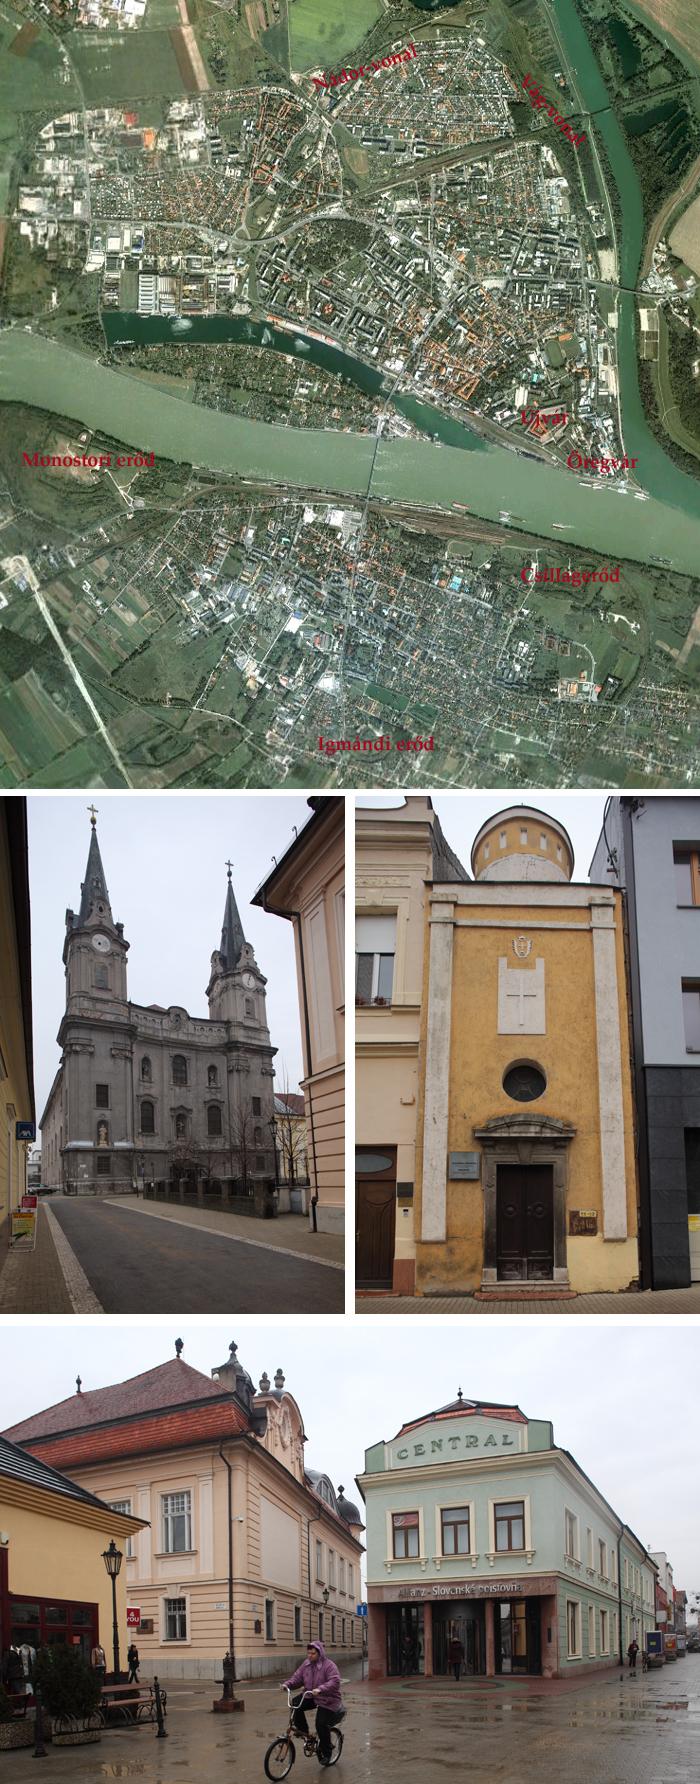 http://www.muemlekem.hu/images/magazin/20110217komarom2/003.jpg